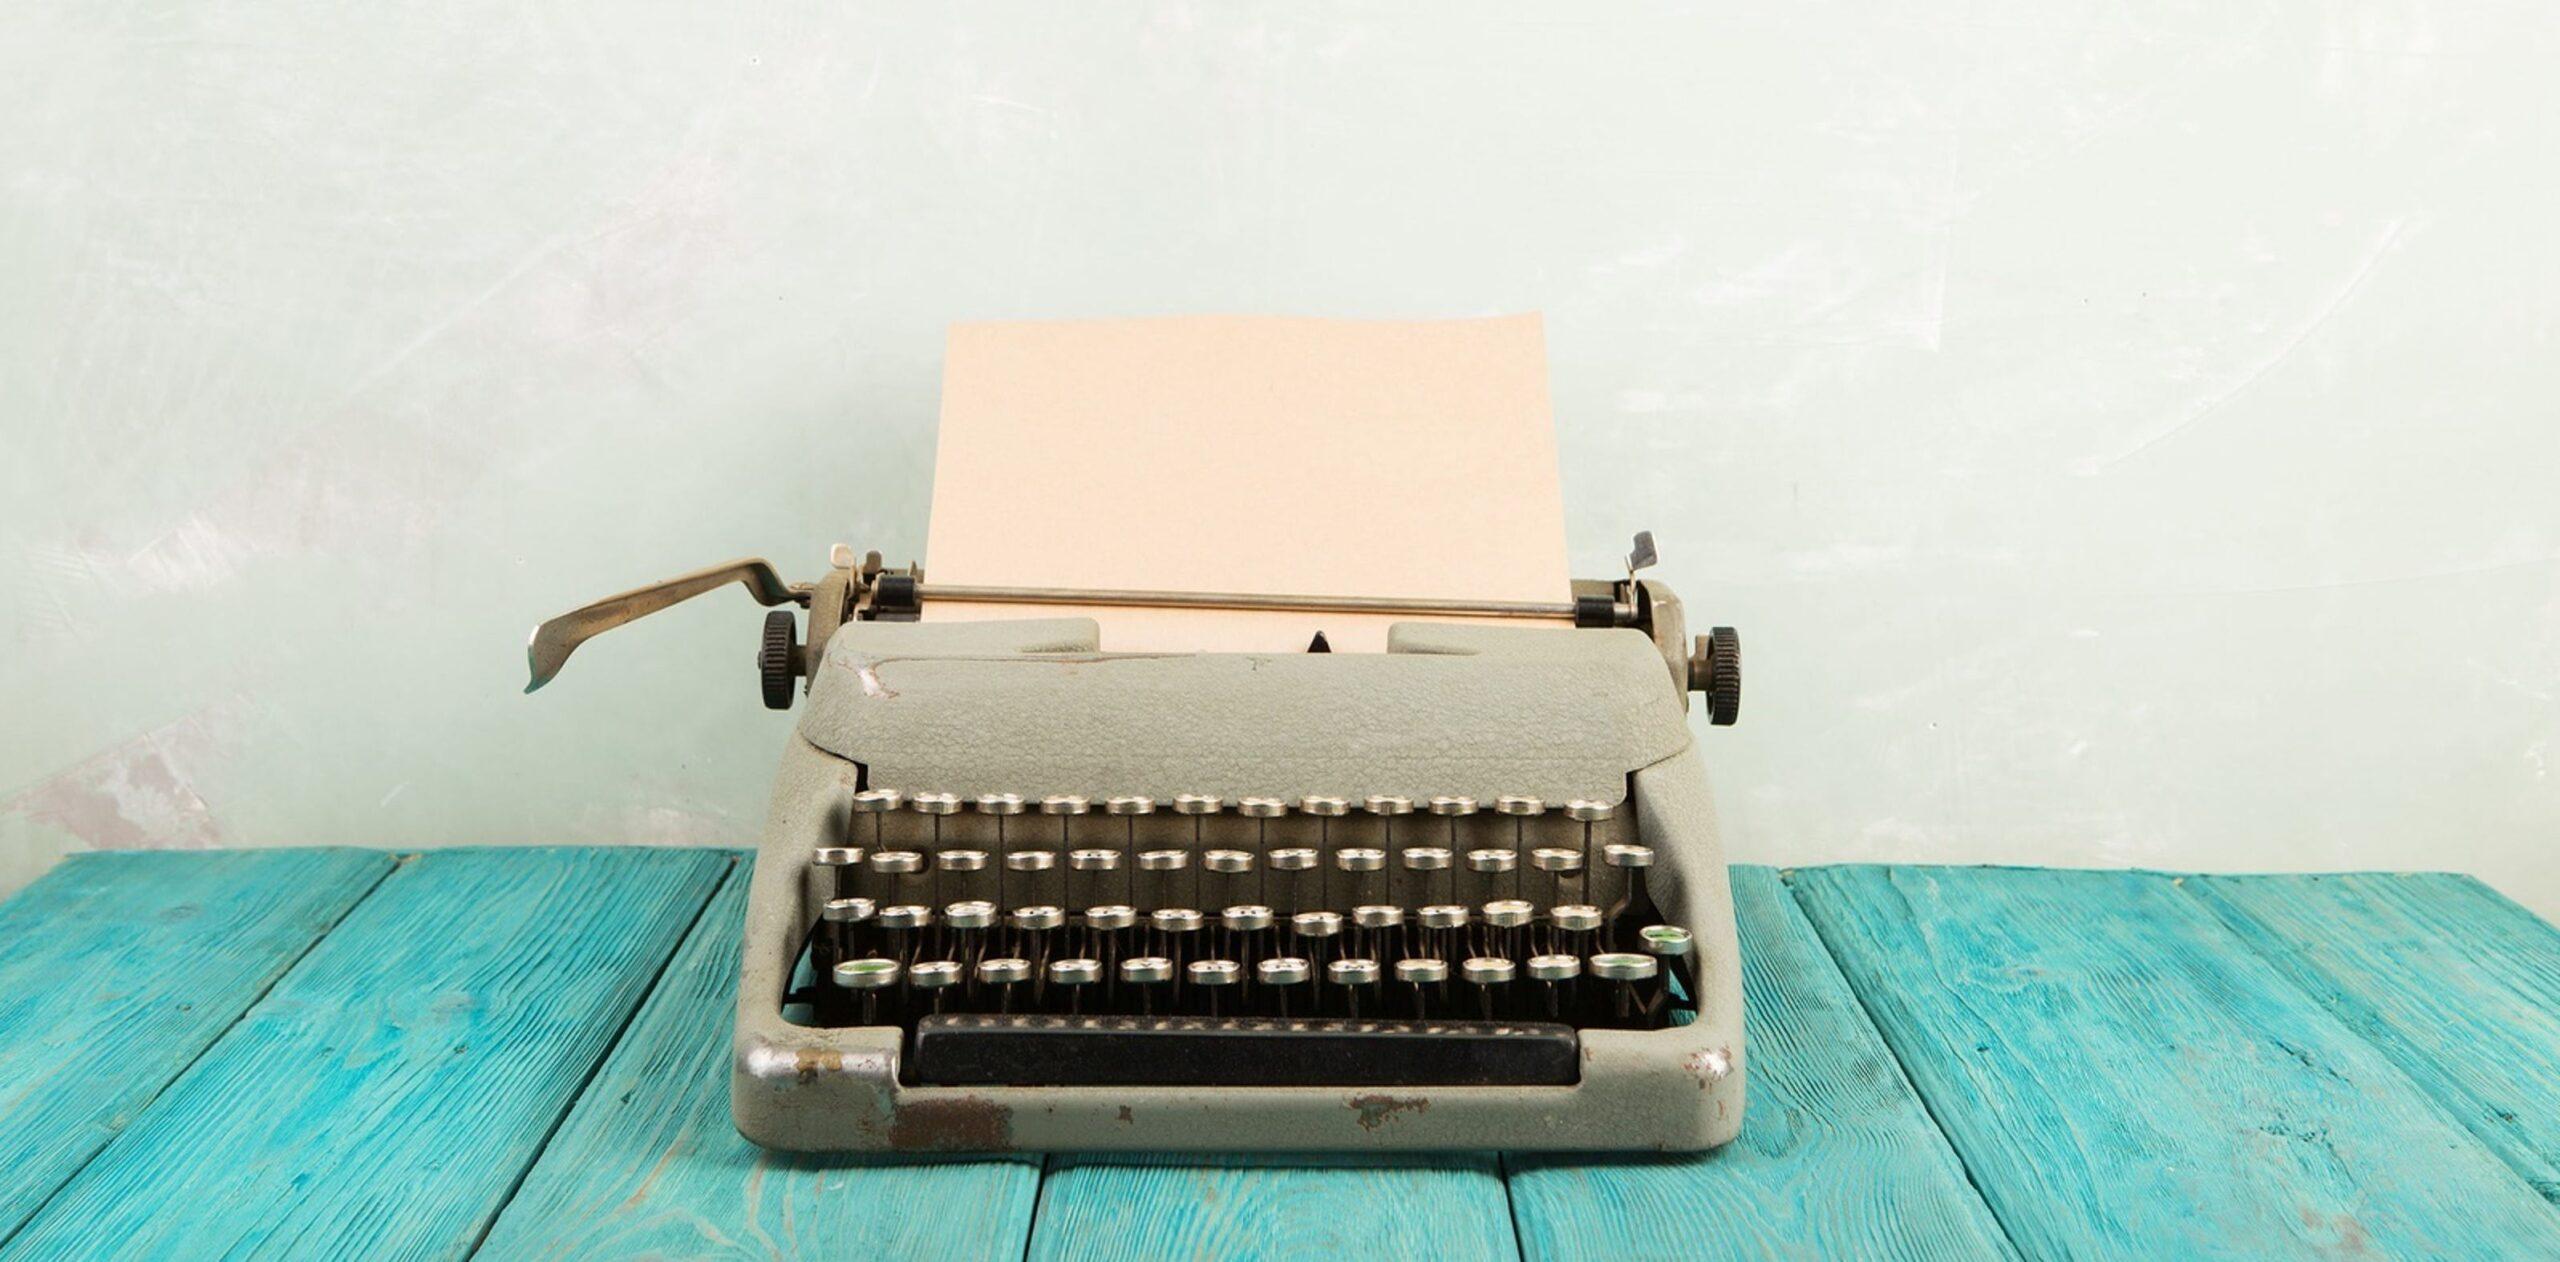 Wir suchen einen Remote-Editor für technische Inhalte